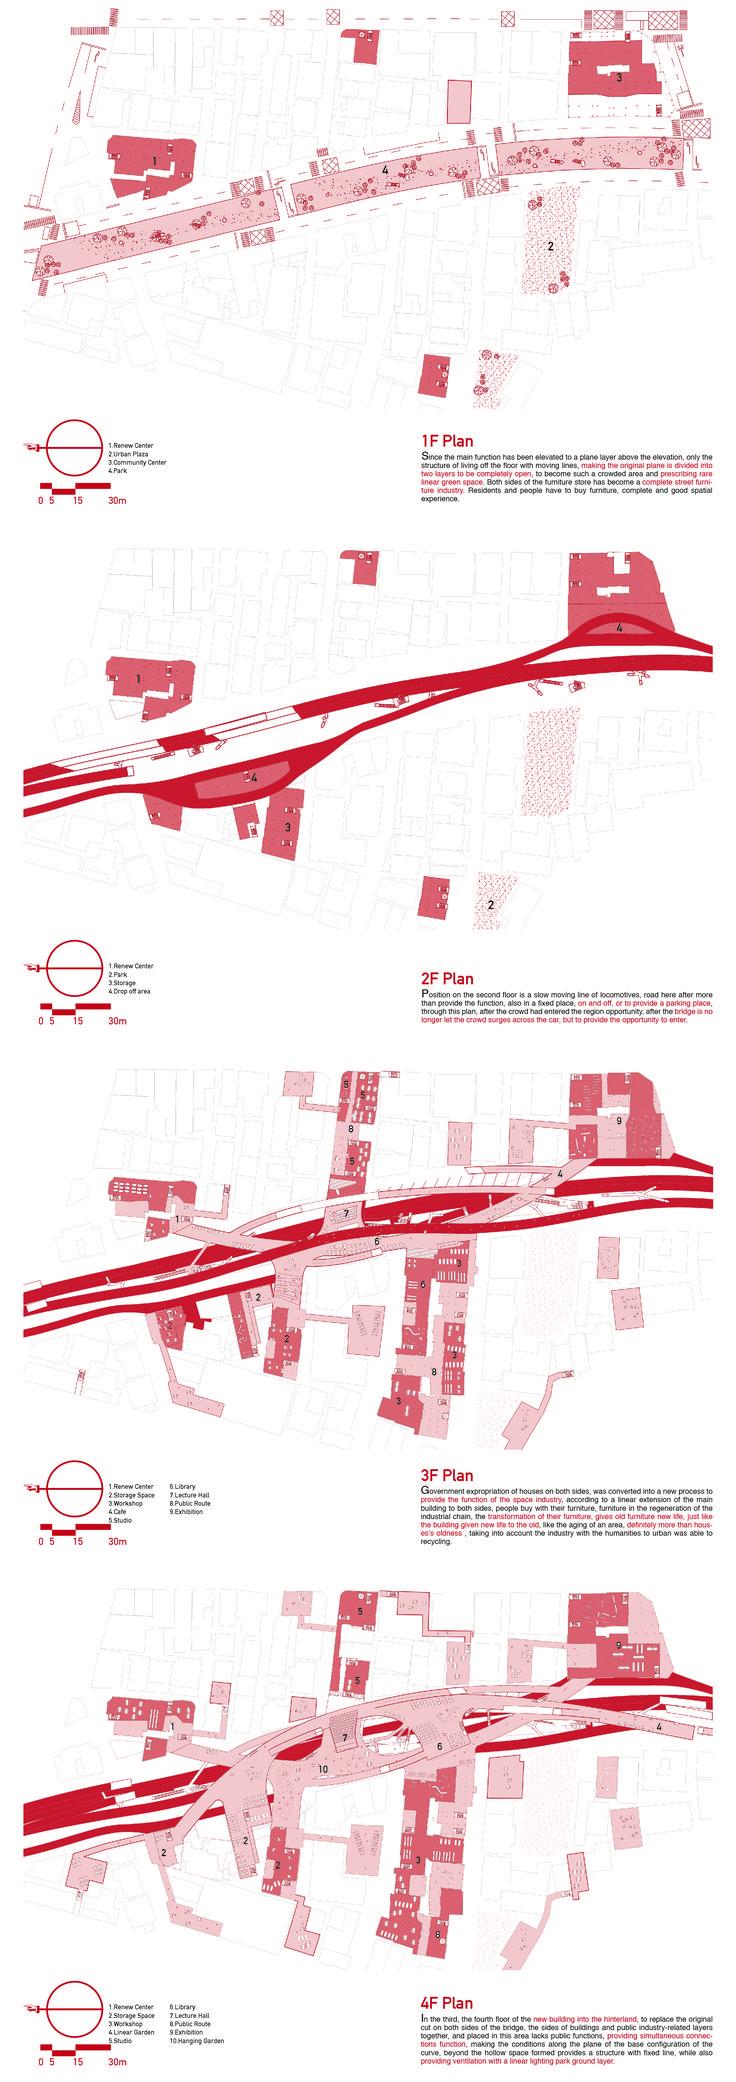 Architecture Diagram / Plan By Huai-Kuan, Zhong